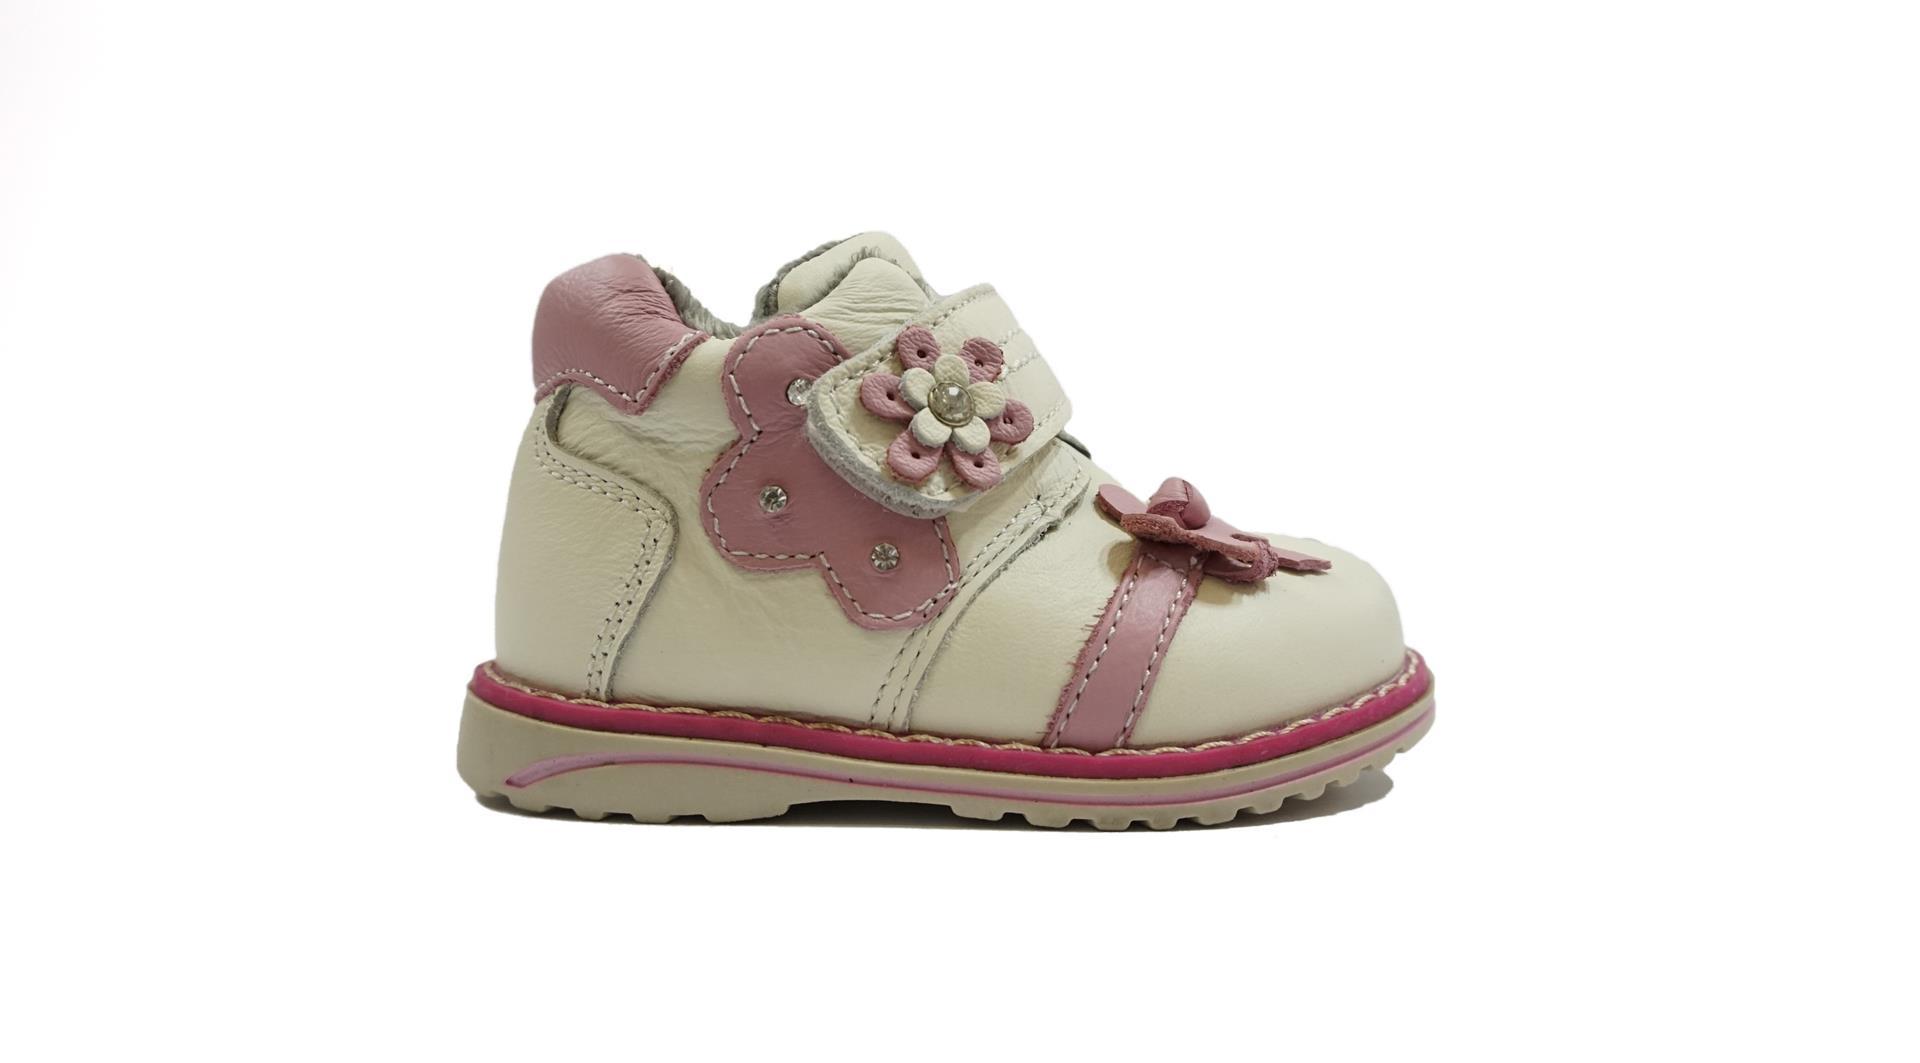 4c25d986244 Бебешки боти CHIPPO | Обувки - Детски, дамски и мъжки обувки